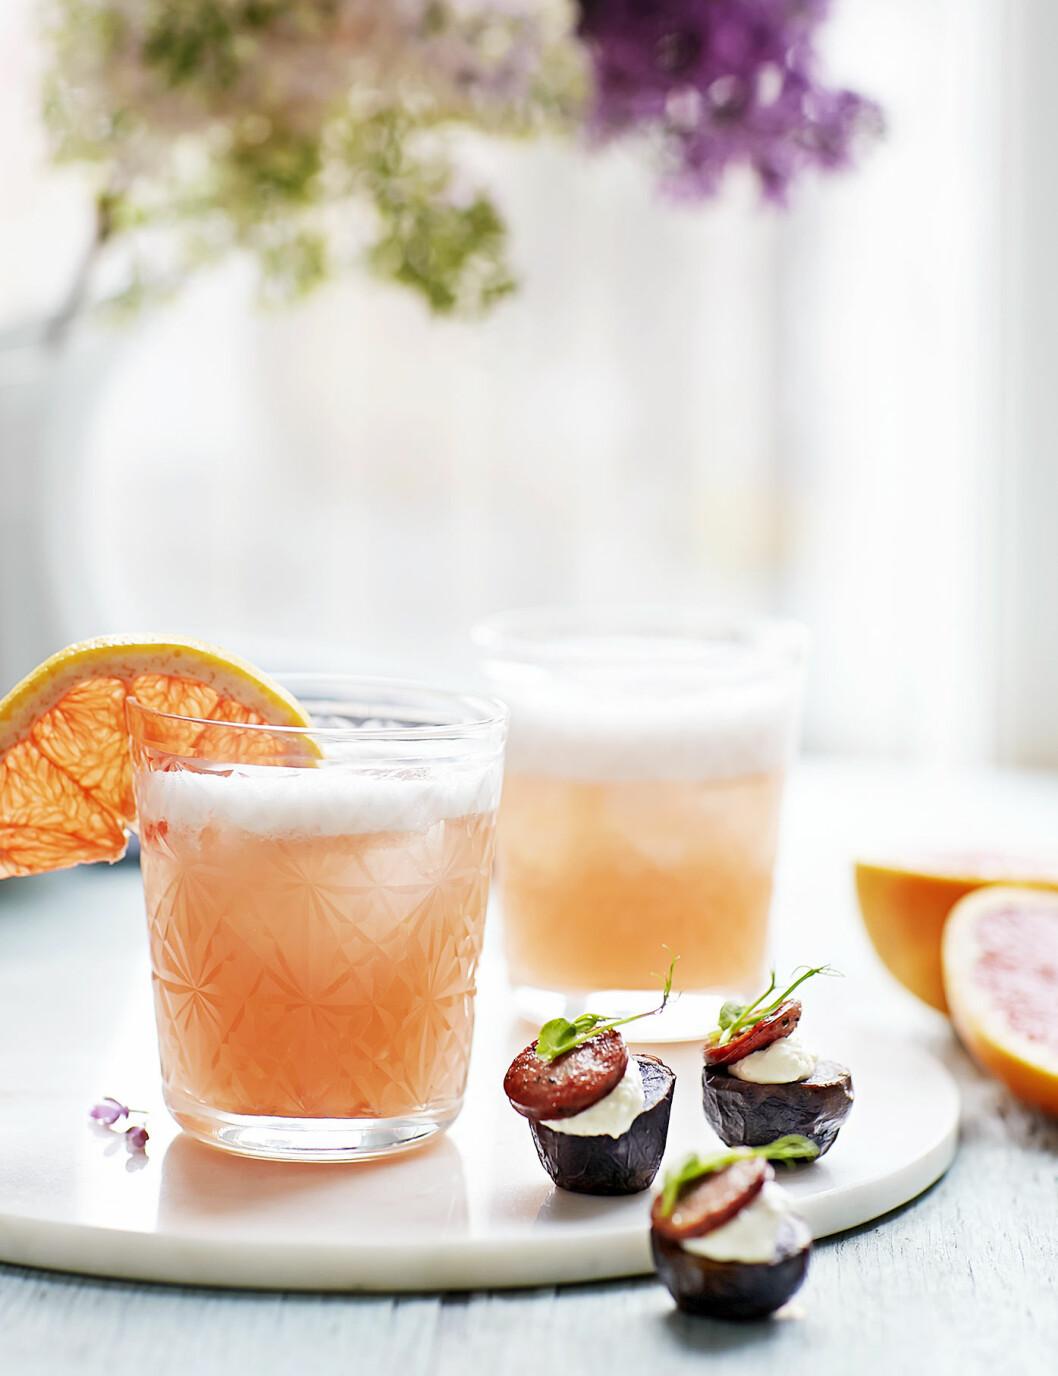 Gör en rosa grapefruktsfizz